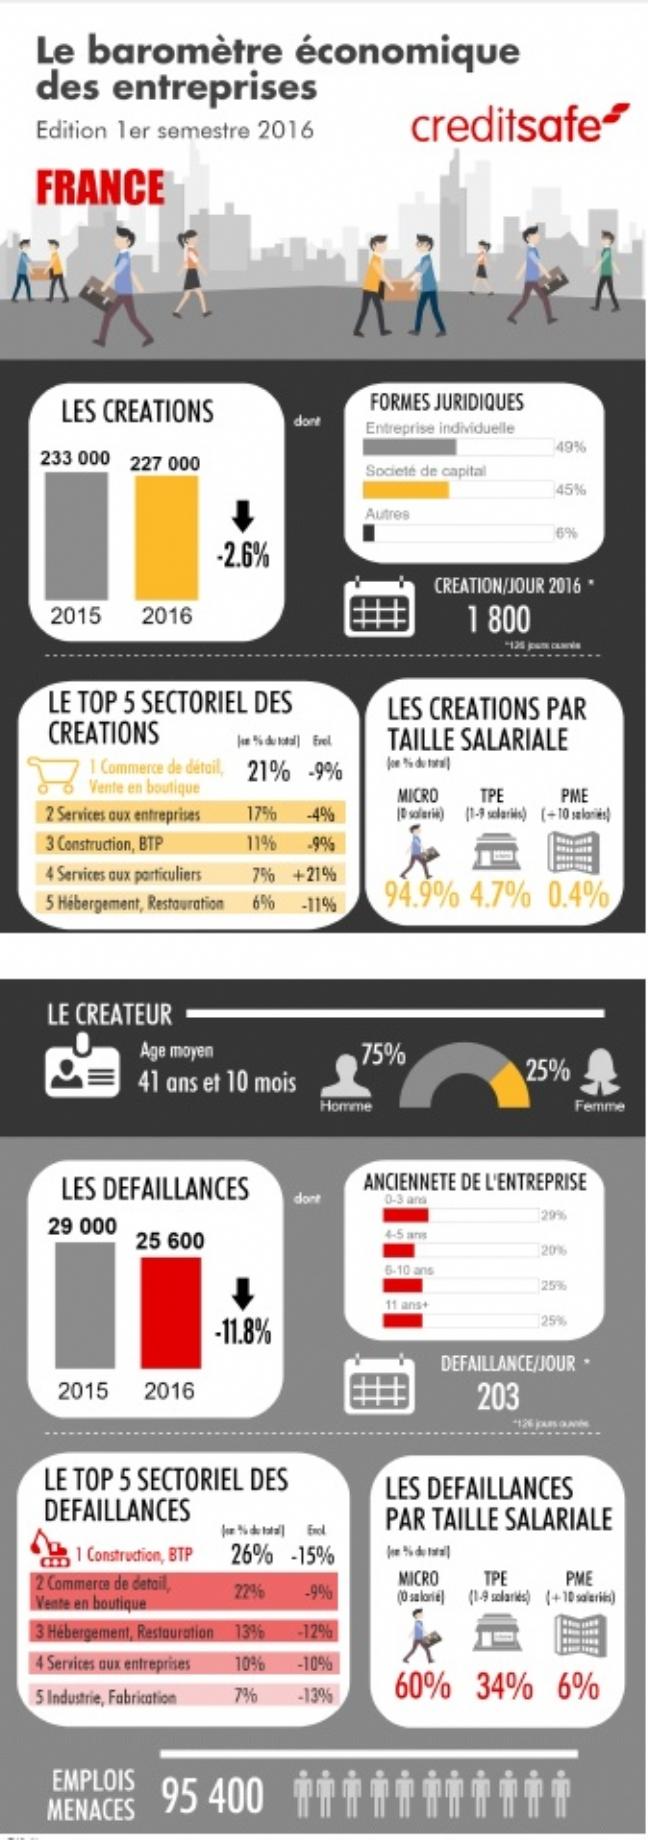 1800 entreprises naissent chaque jour en France